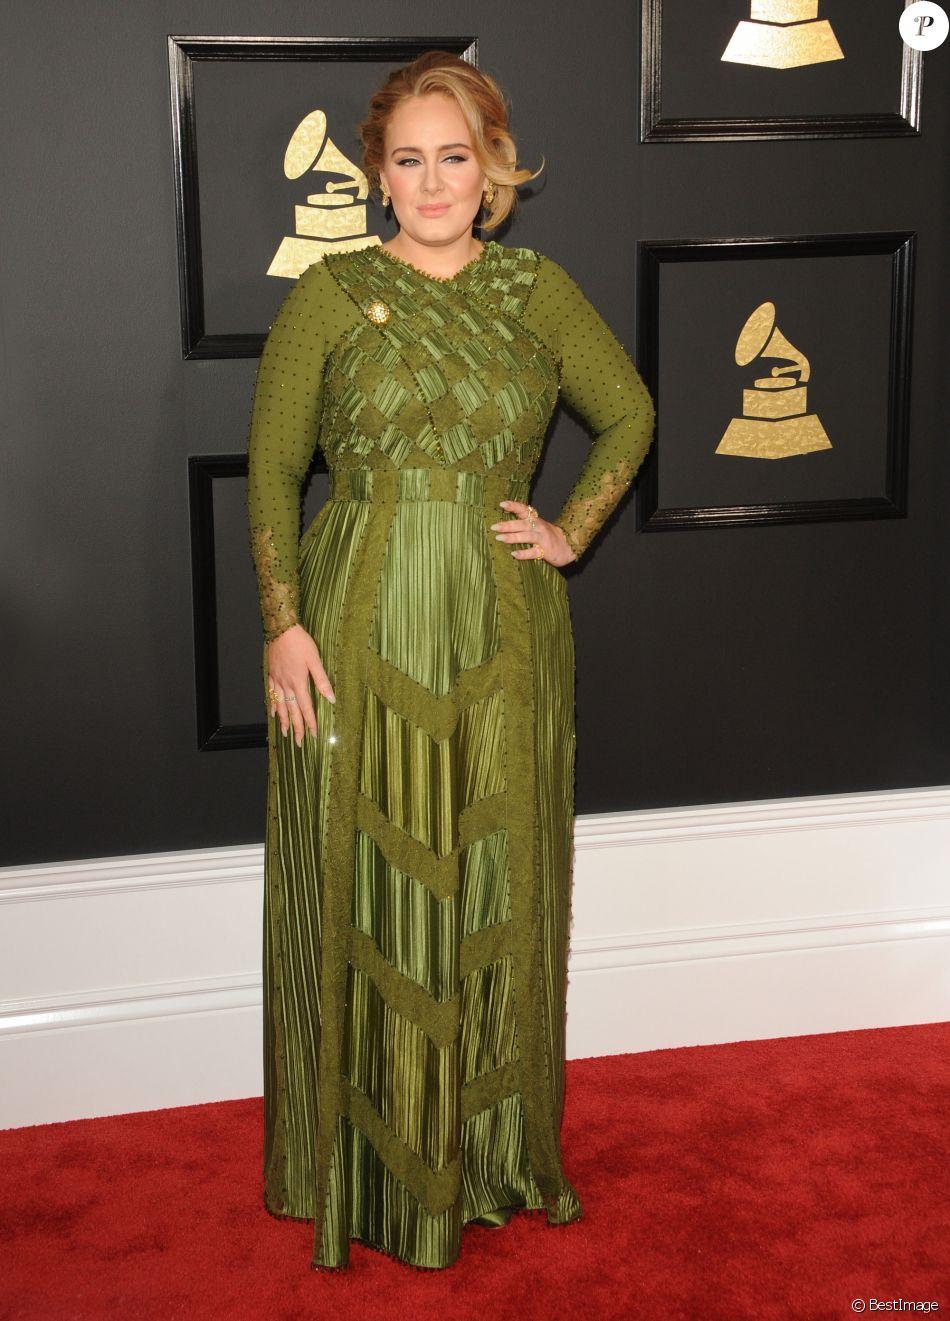 Adele lors de la 59ème soirée annuelle des Grammy Awards au Staples Center à Los Angeles, le 12 février 2017. © CPA/Bestimage